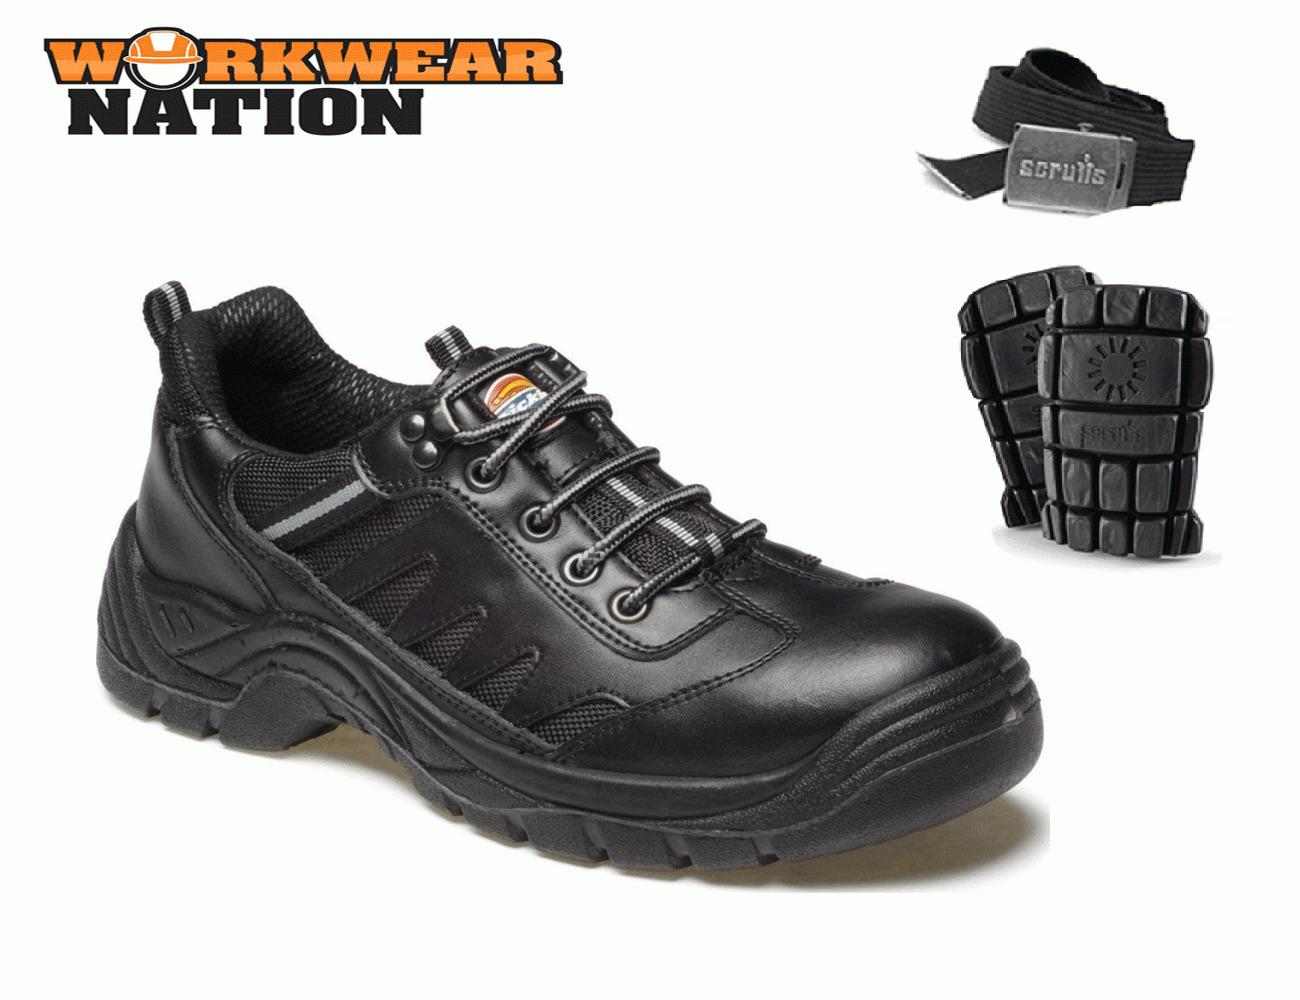 Hombre Dickies Dickies Hombre Stockton Seguridad Zapatillas piel superior acero punta ee09f4